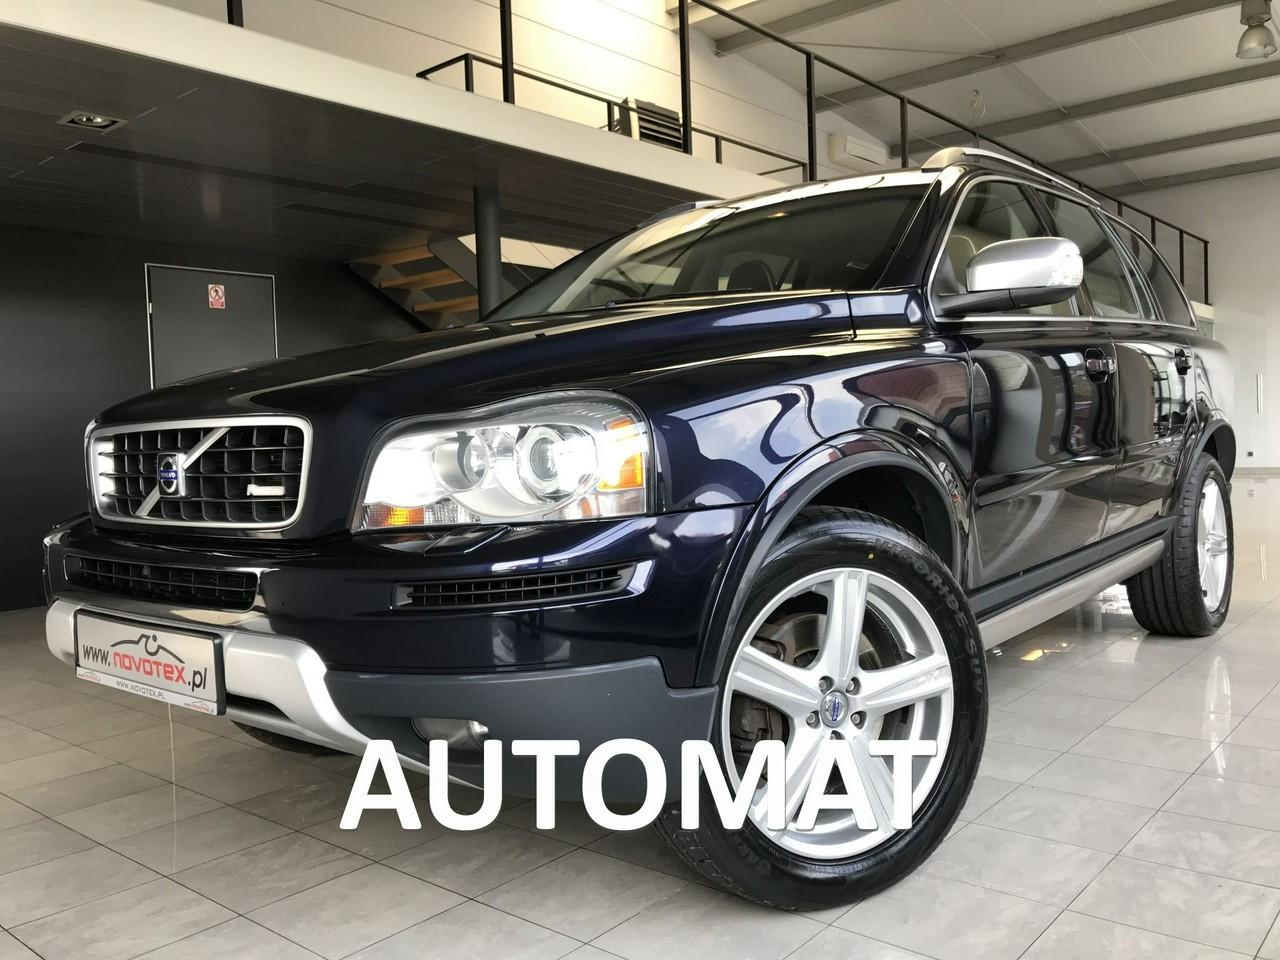 Volvo XC 90 D5 AWD*R-Design*xenon*ALU 19*nowe opony*serwis w ASO Volvo*Gwarancja